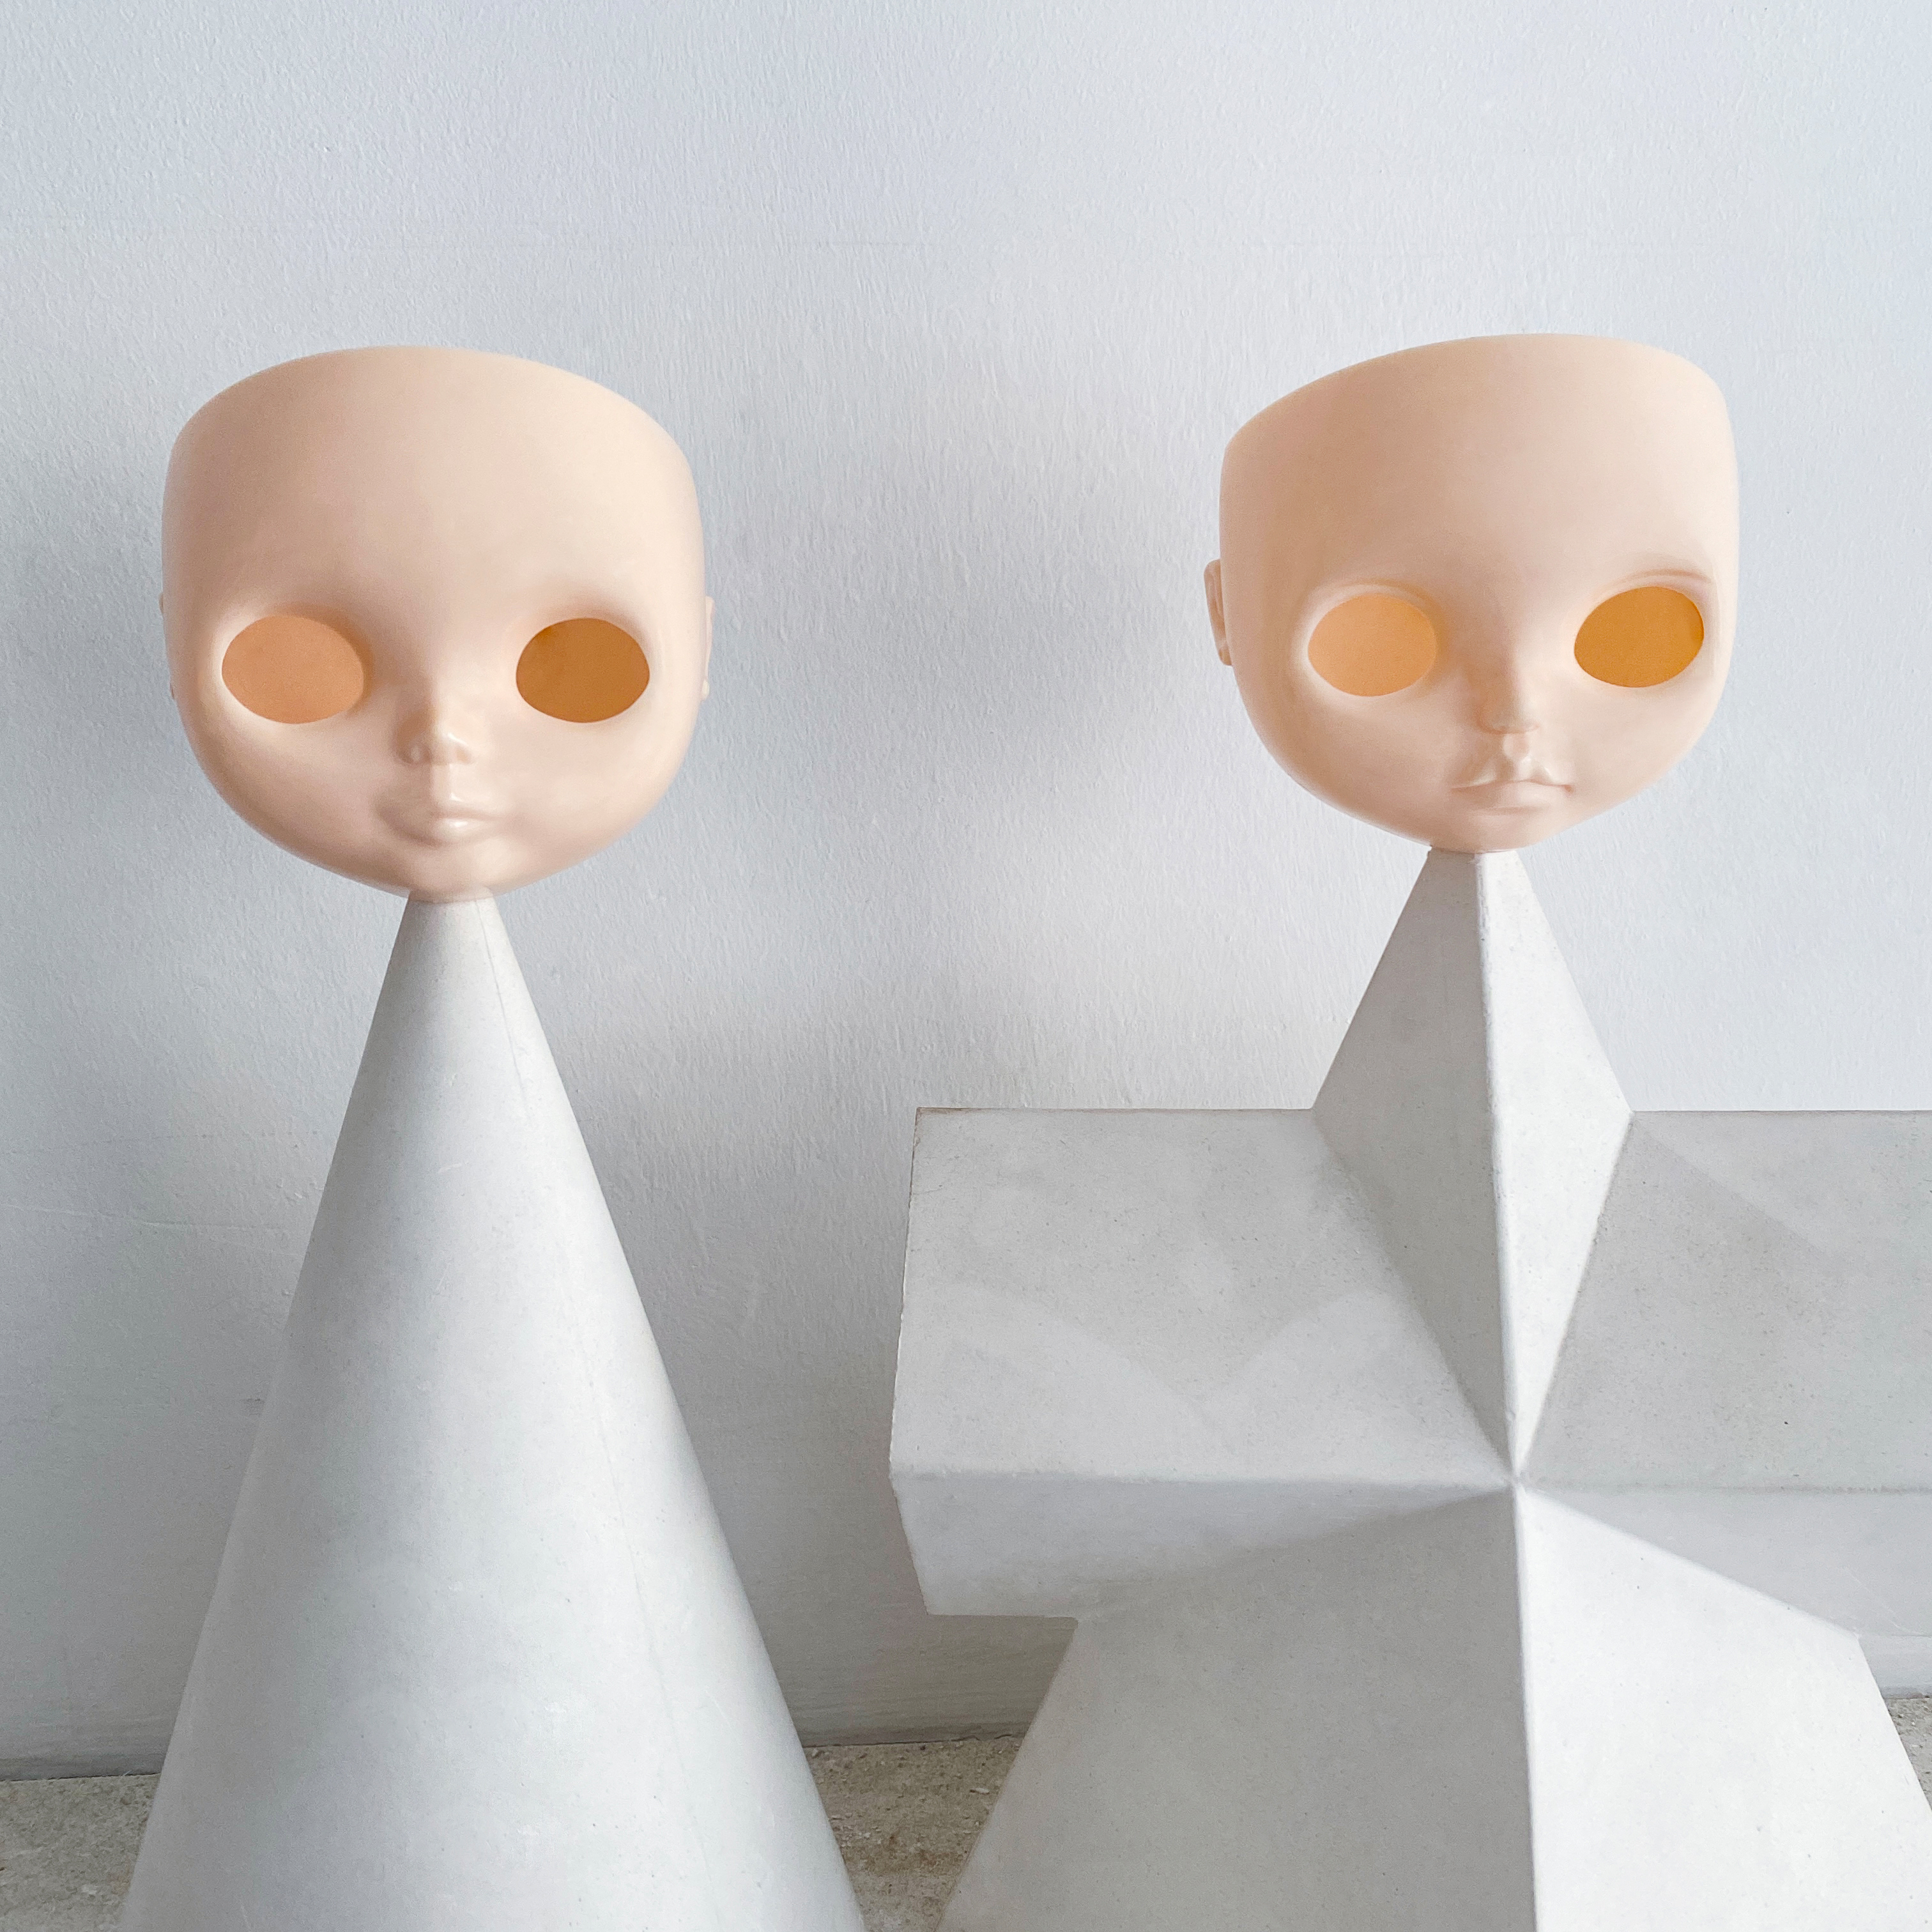 NBL Blyth accessoires de poupée pour bricolage poupée personnalisée Blythe, BJD poupée corps et visage cuir chevelu, offre spéciale en vente accessoires